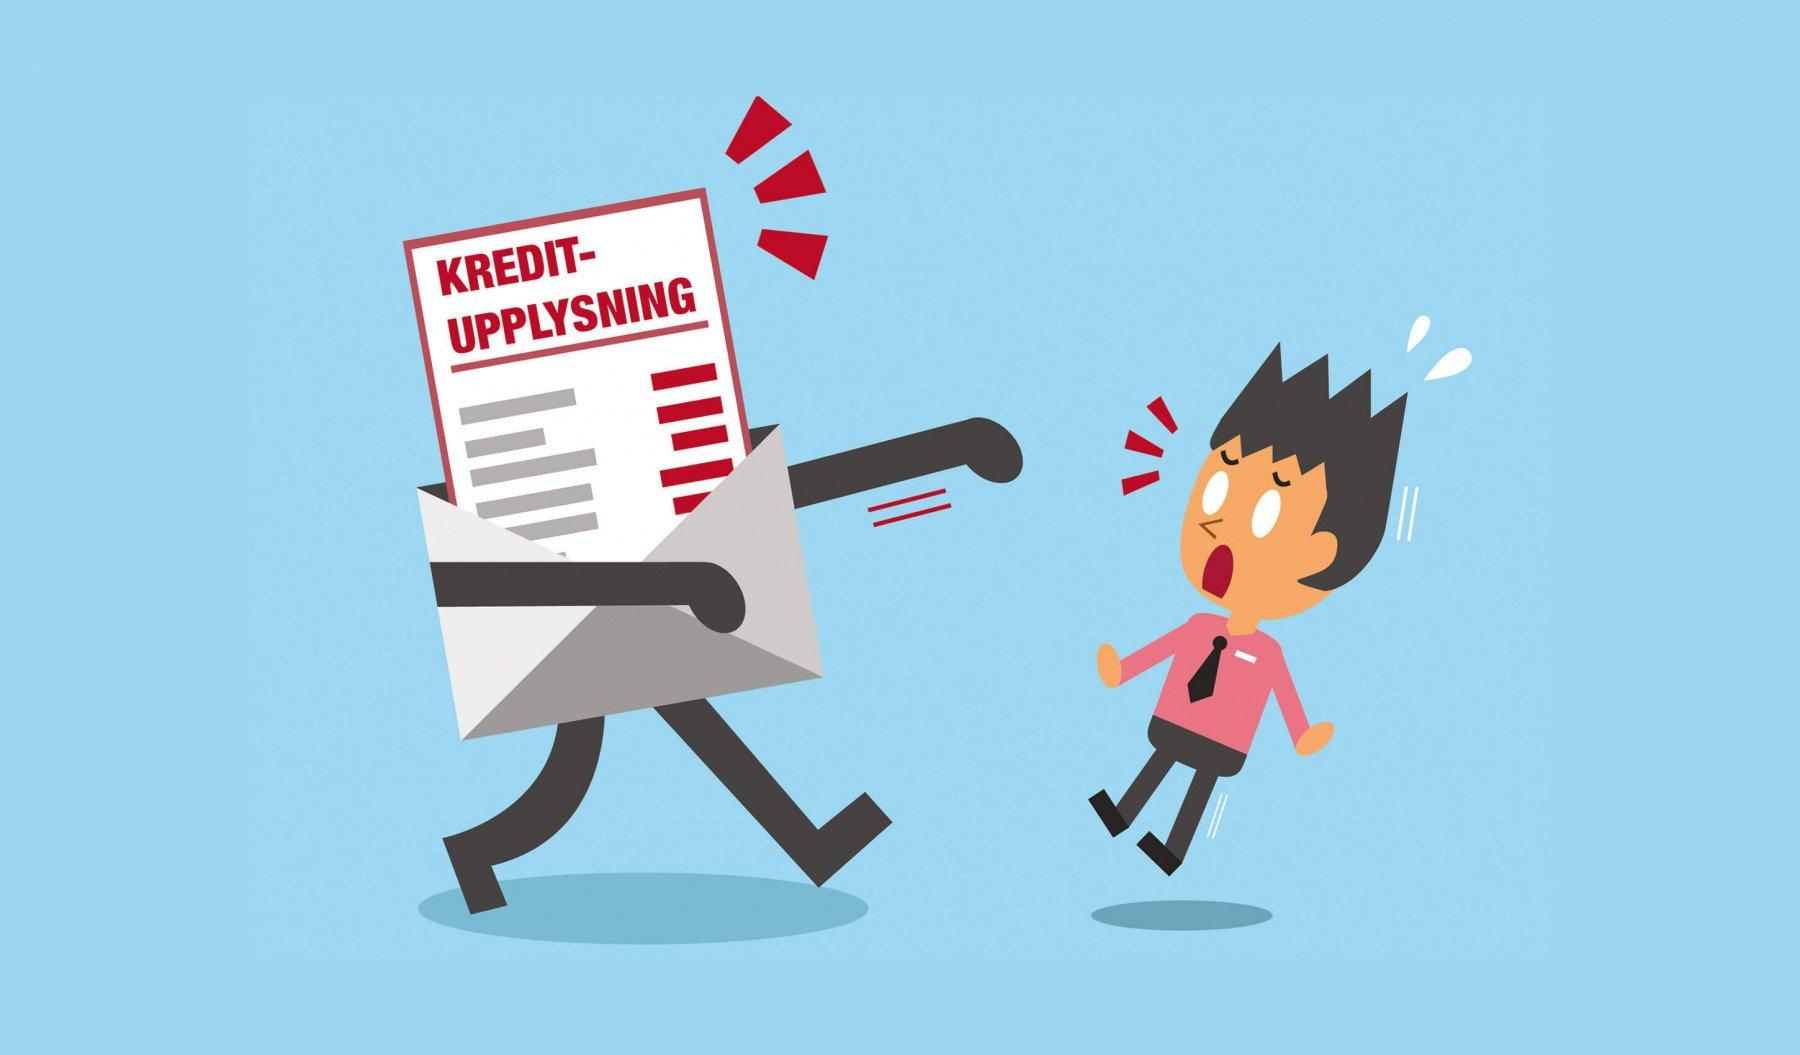 Animerad kreditupplysning i brev skrämmer en gubbe